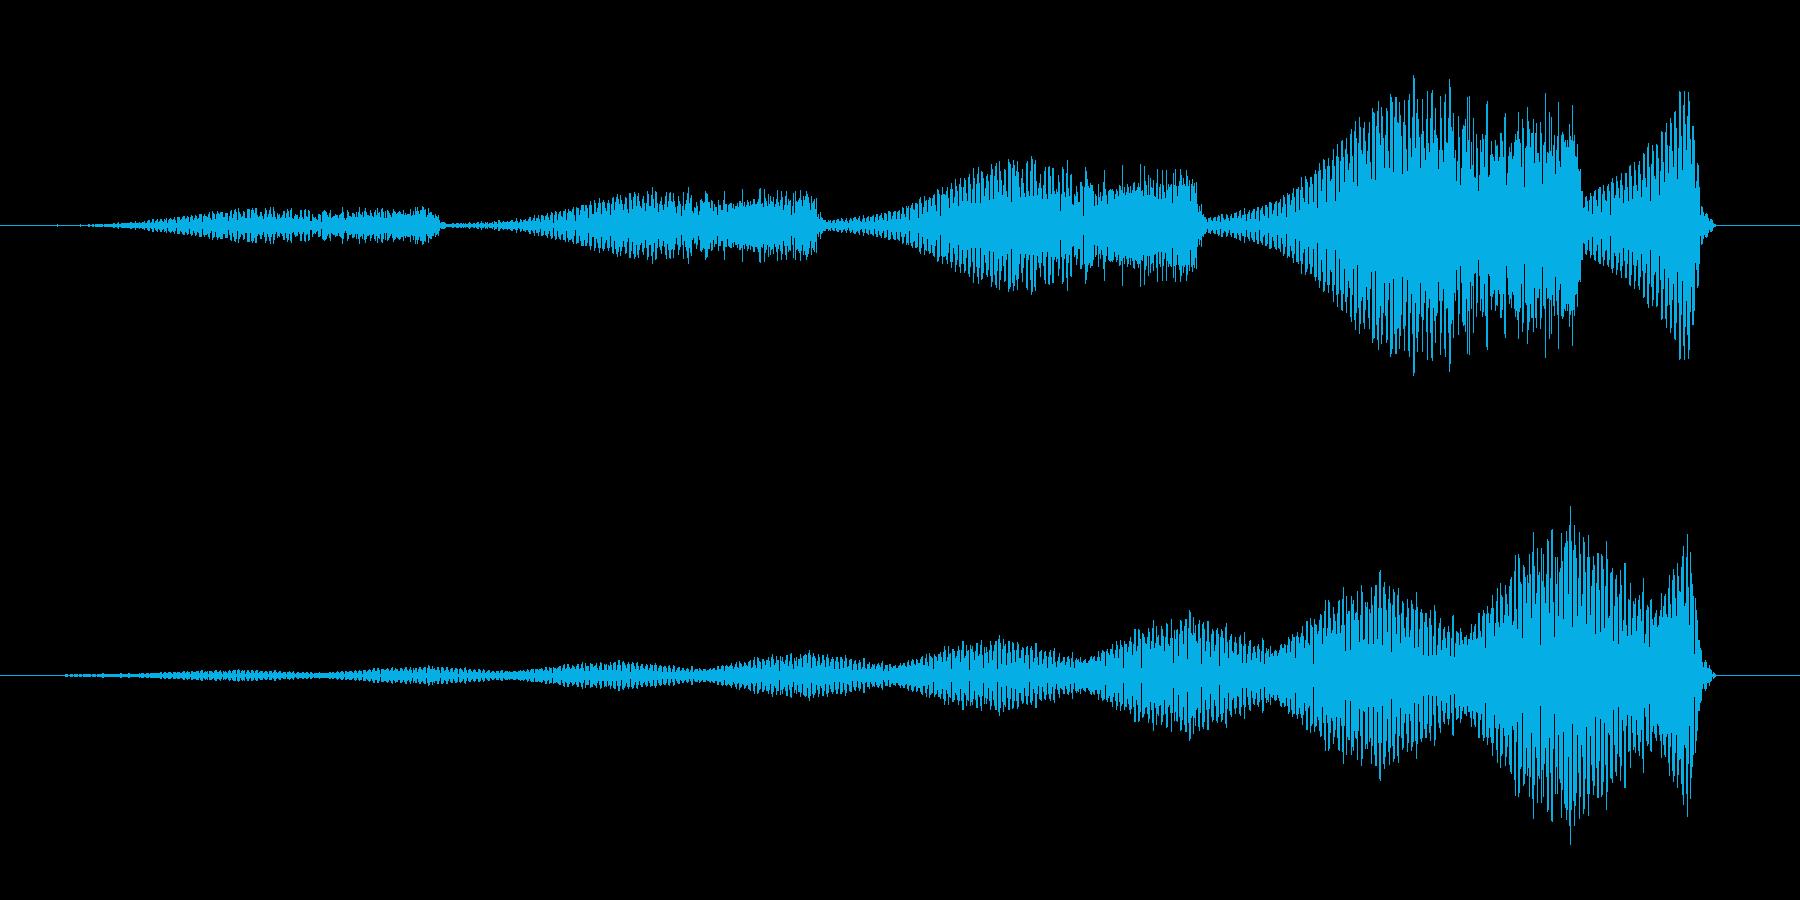 ブアブアブアブア (怪奇な音)の再生済みの波形